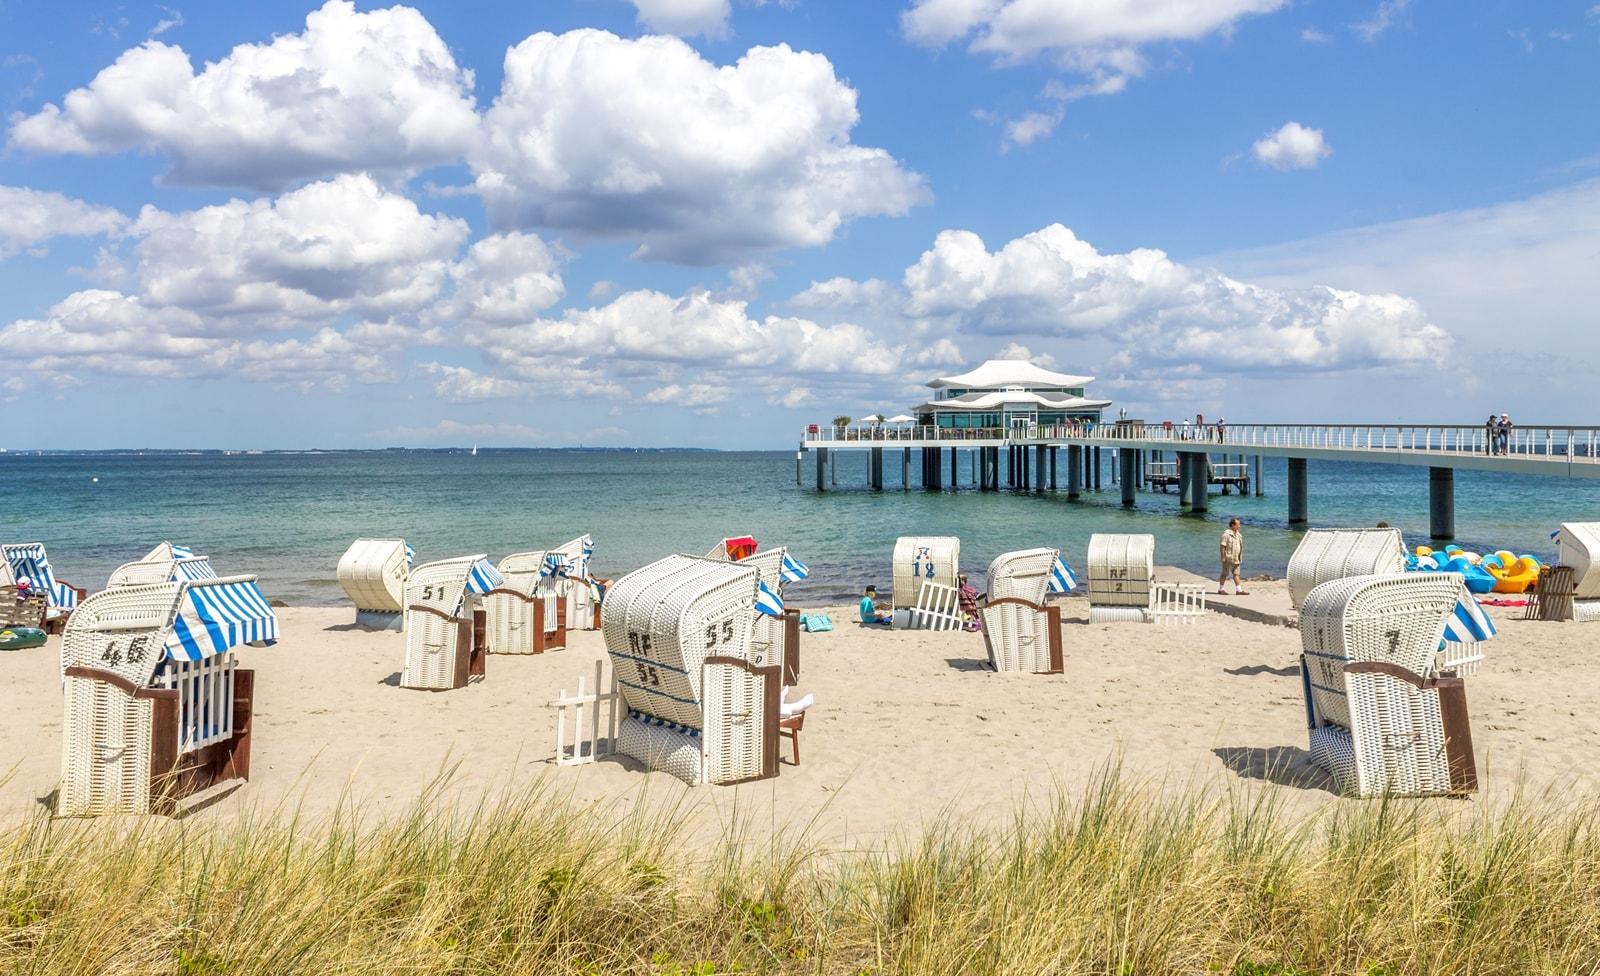 Strandnasicht an der Ostsee